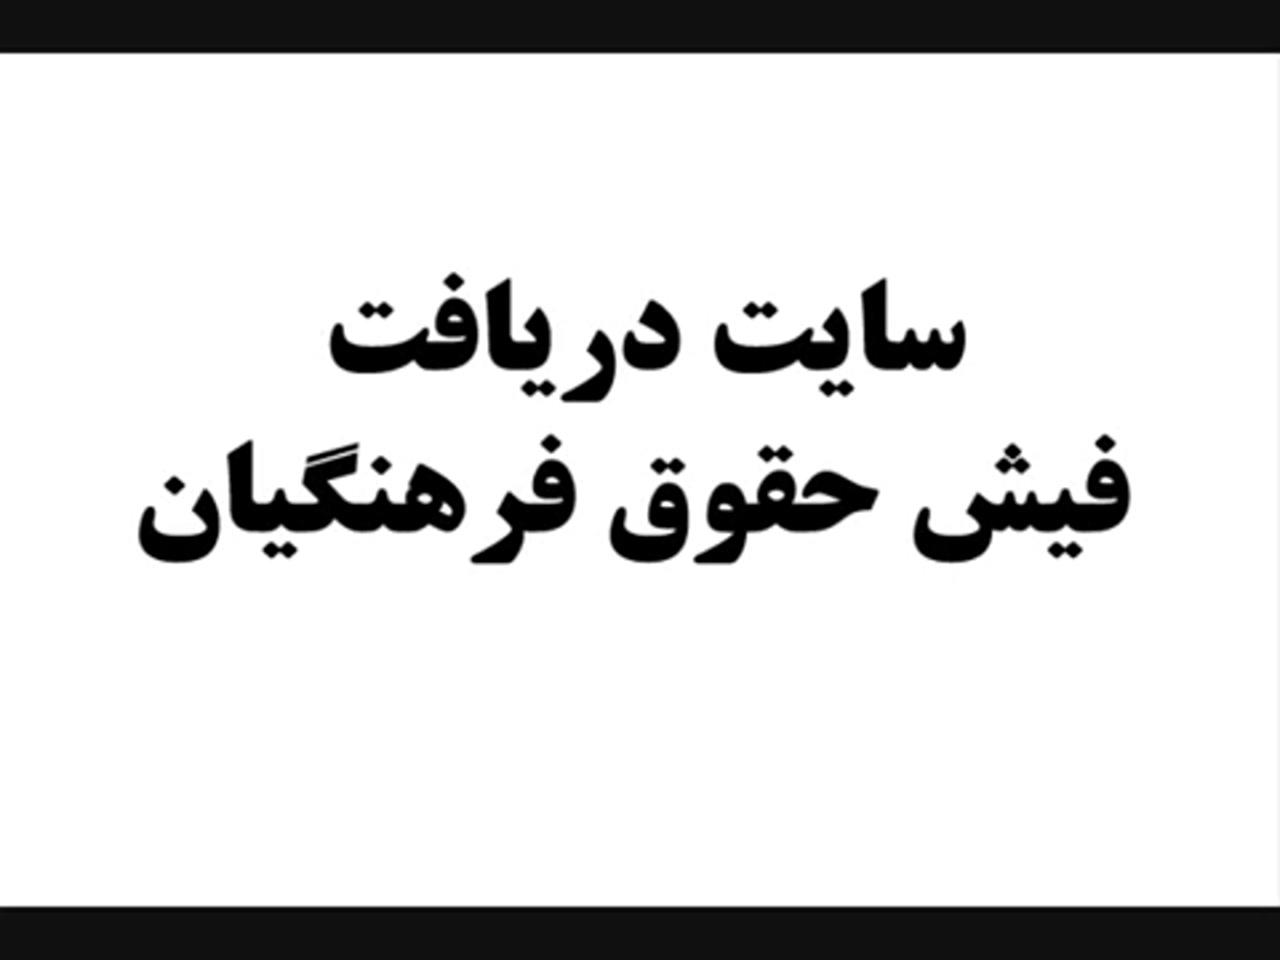 مشاهده و دریافت فیش حقوقی فرهنگیان آبان 98